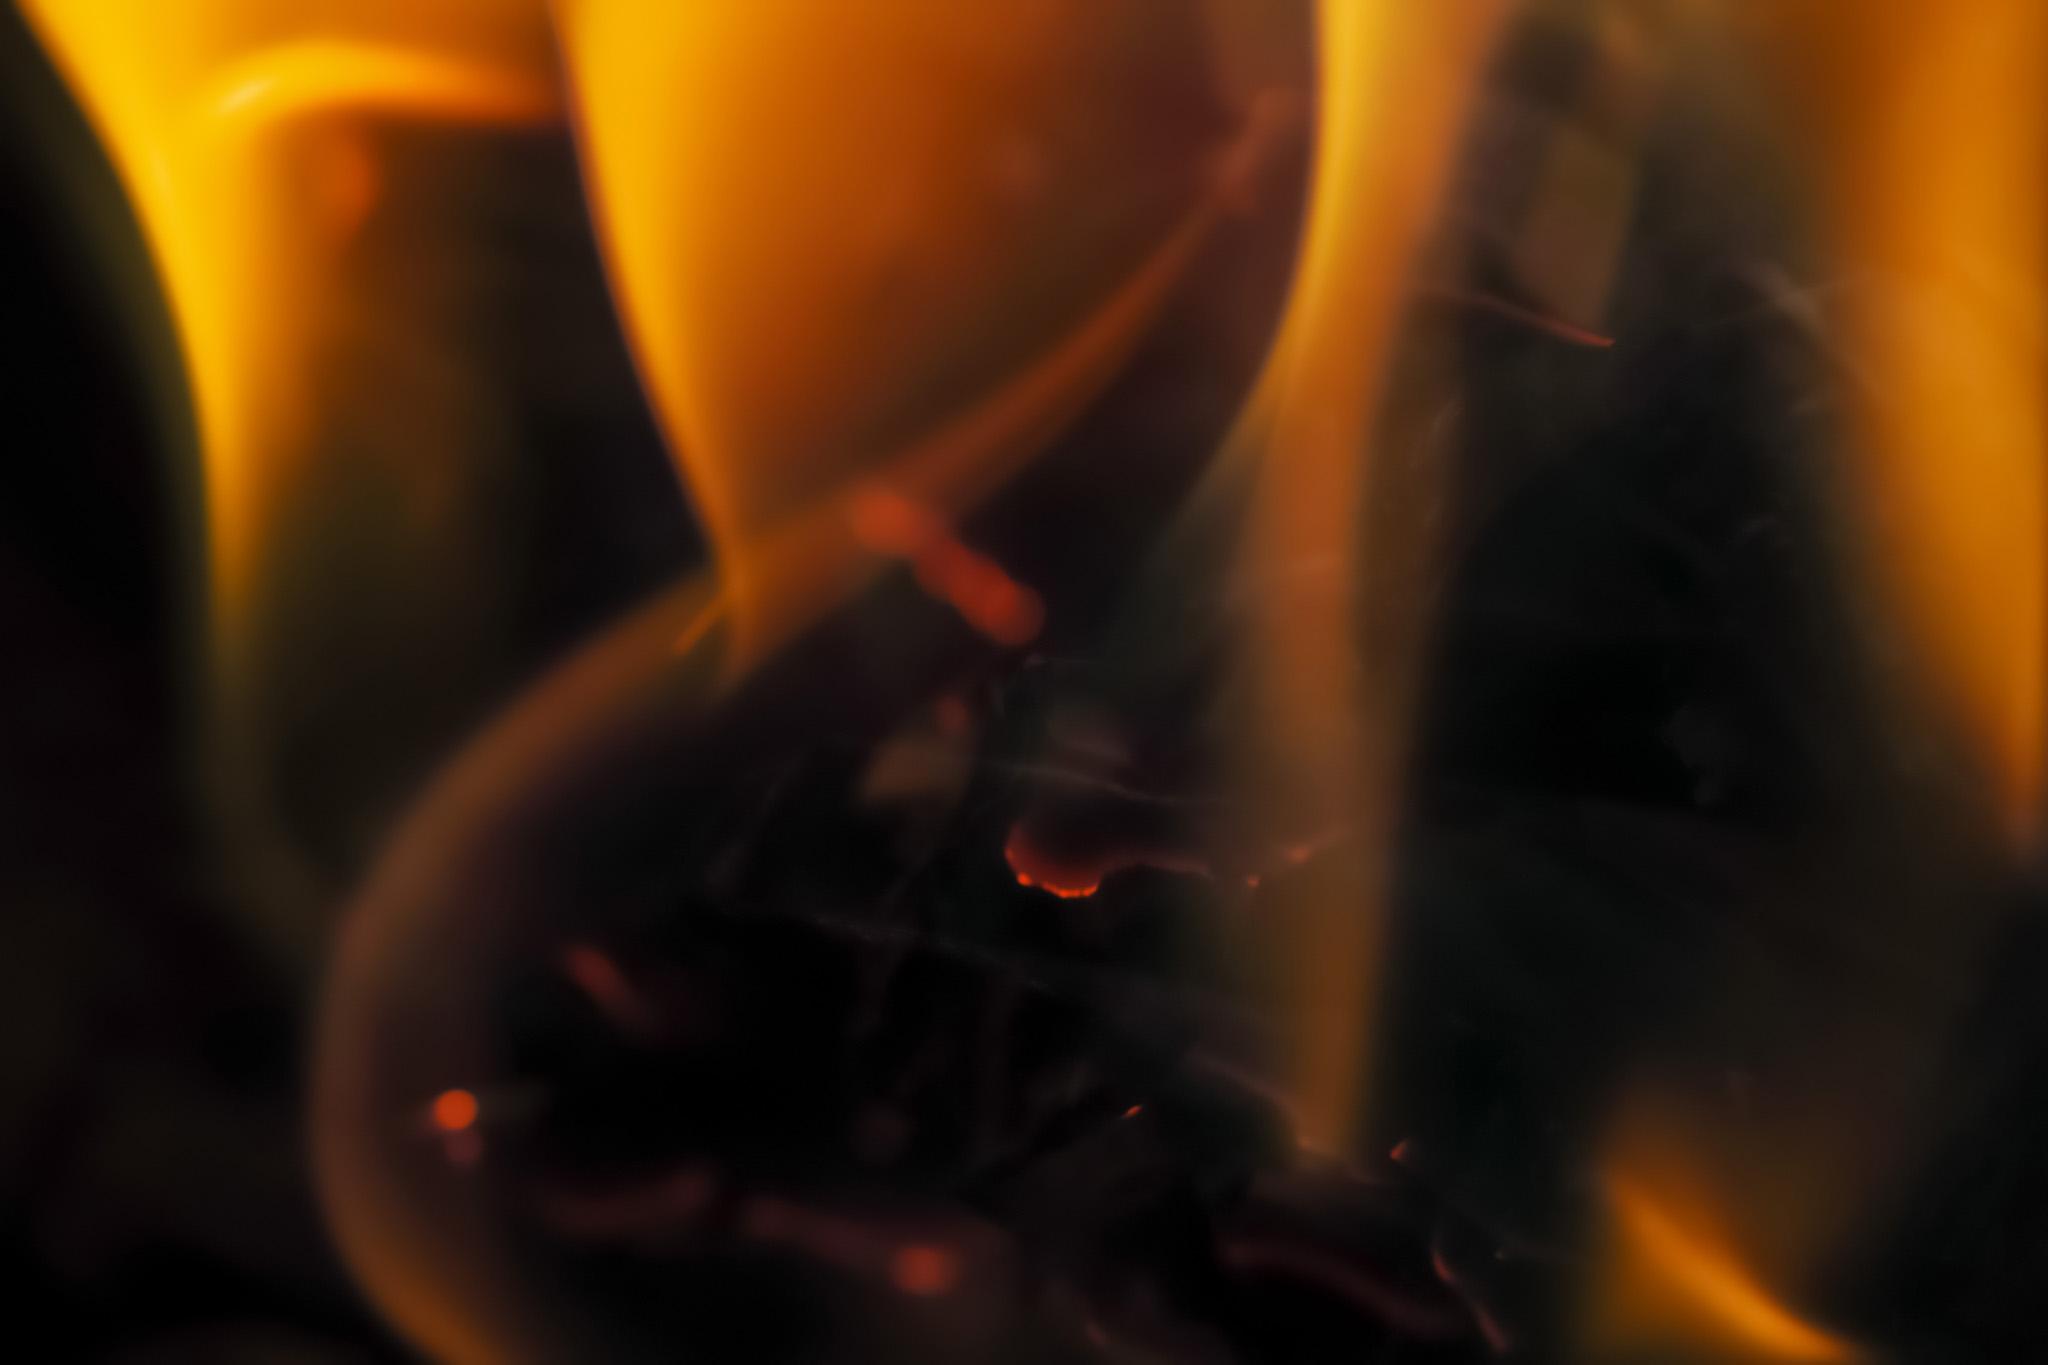 「炎の中に燻ぶる火種」